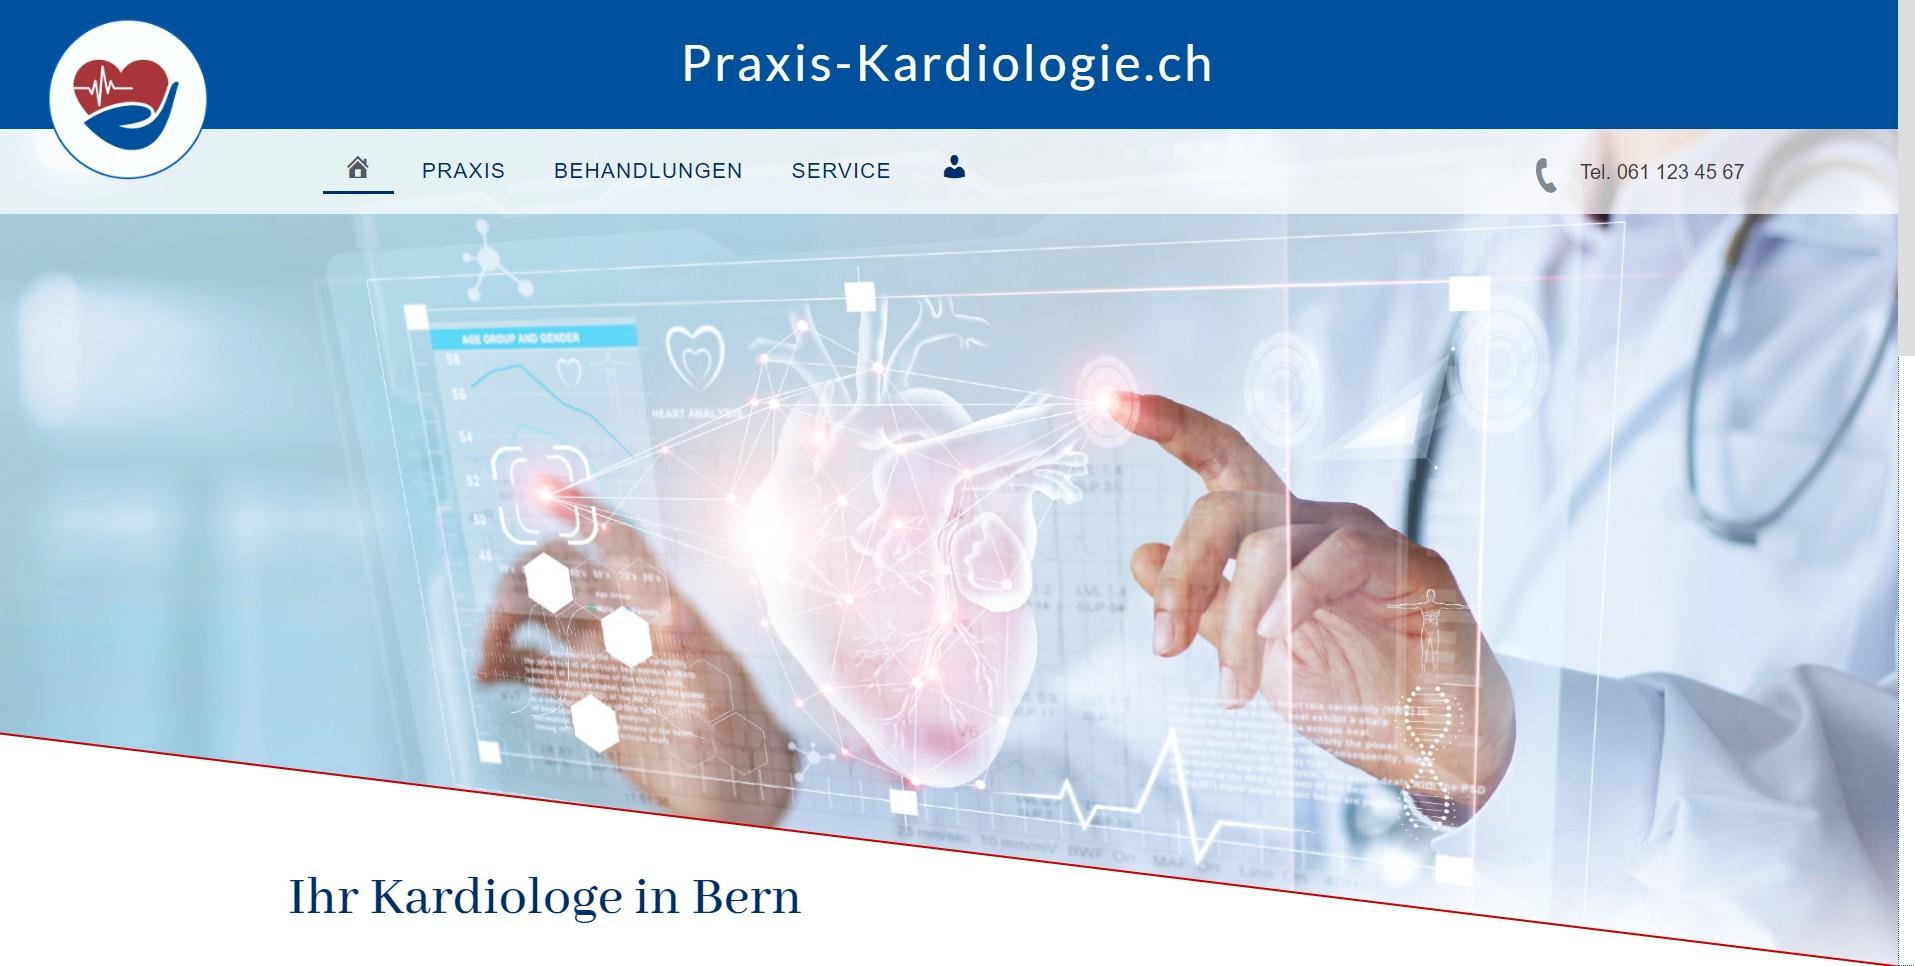 Praxis-Kardiologie.ch